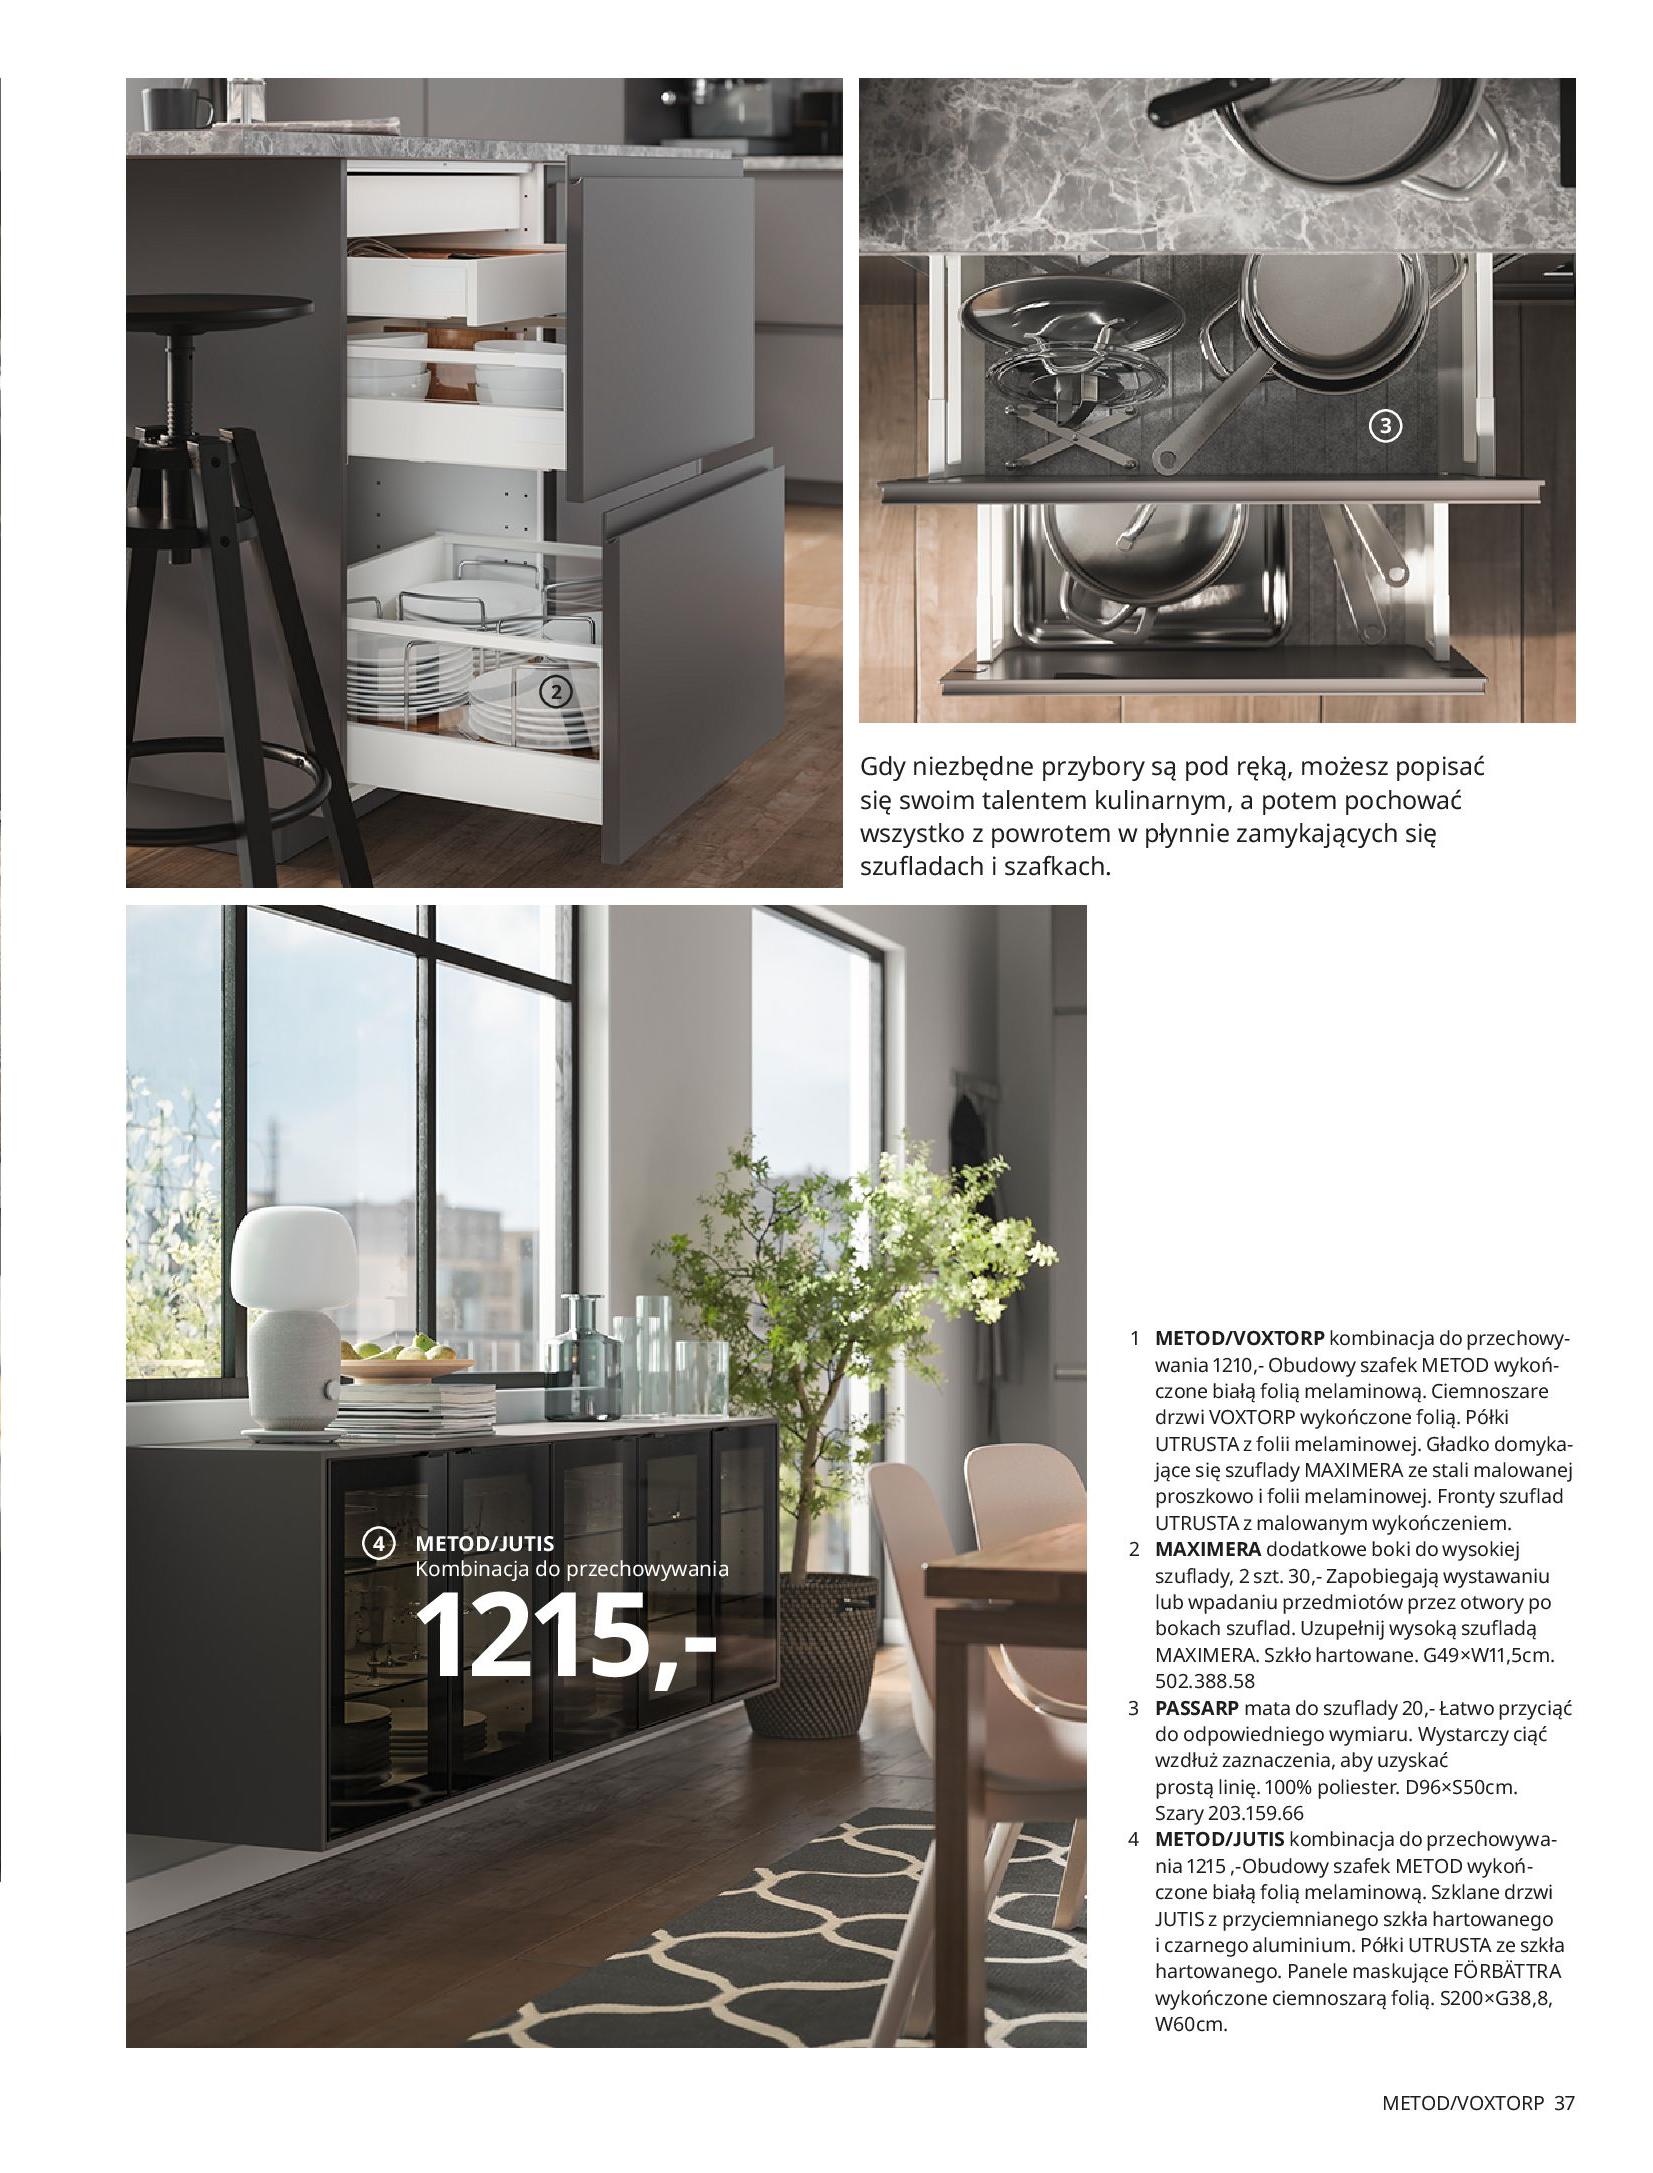 Gazetka IKEA: KUCHNIE 2021 2021-01-13 page-37